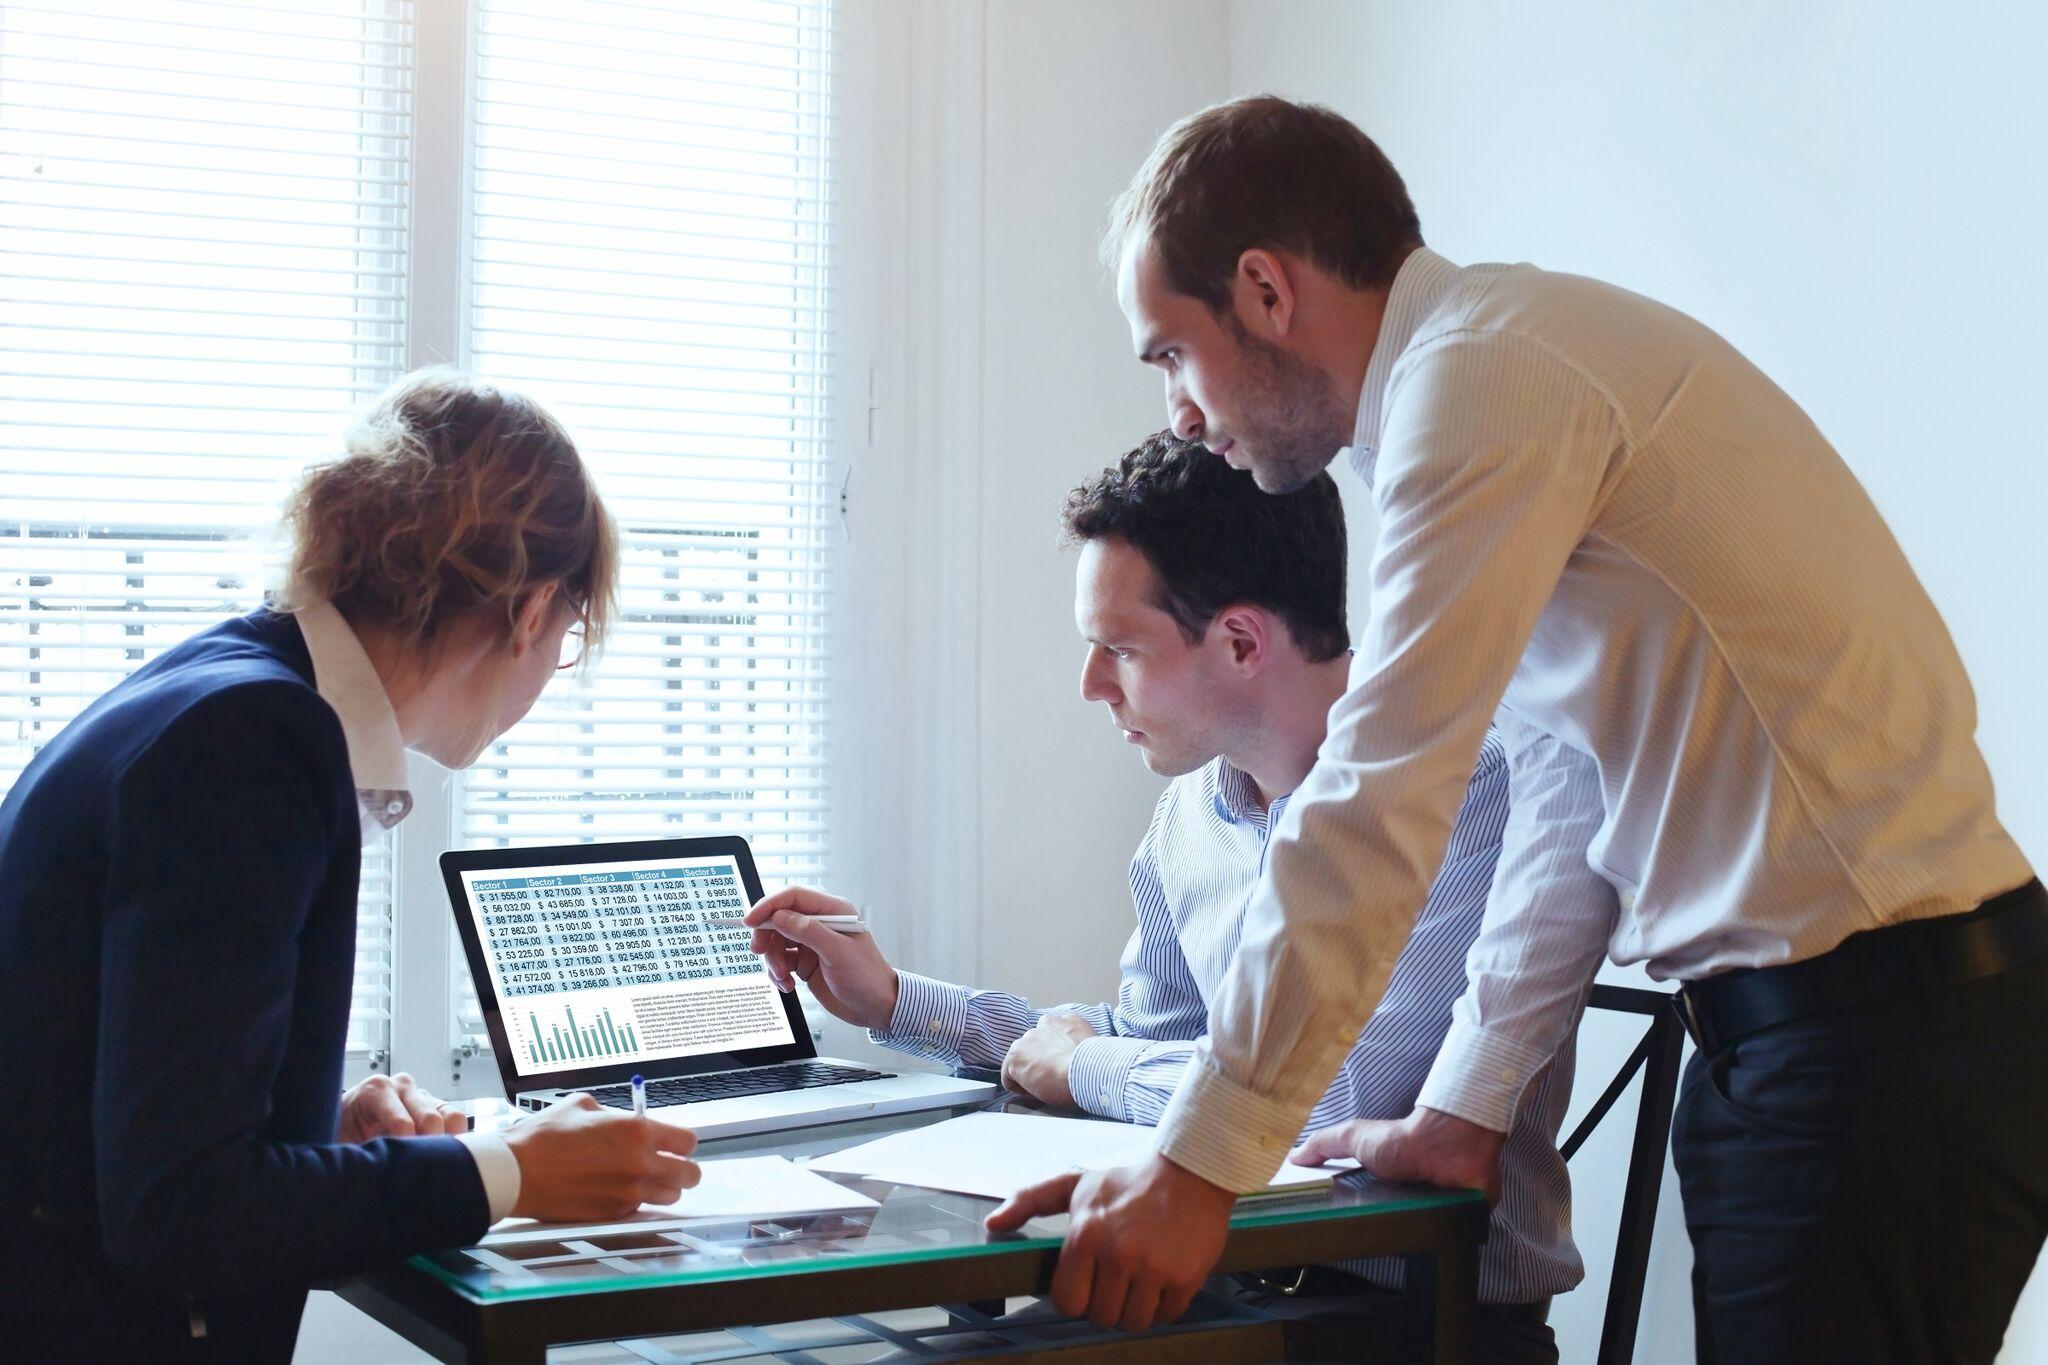 teamwork,-business-meeting-624002776_4800x3200.jpg